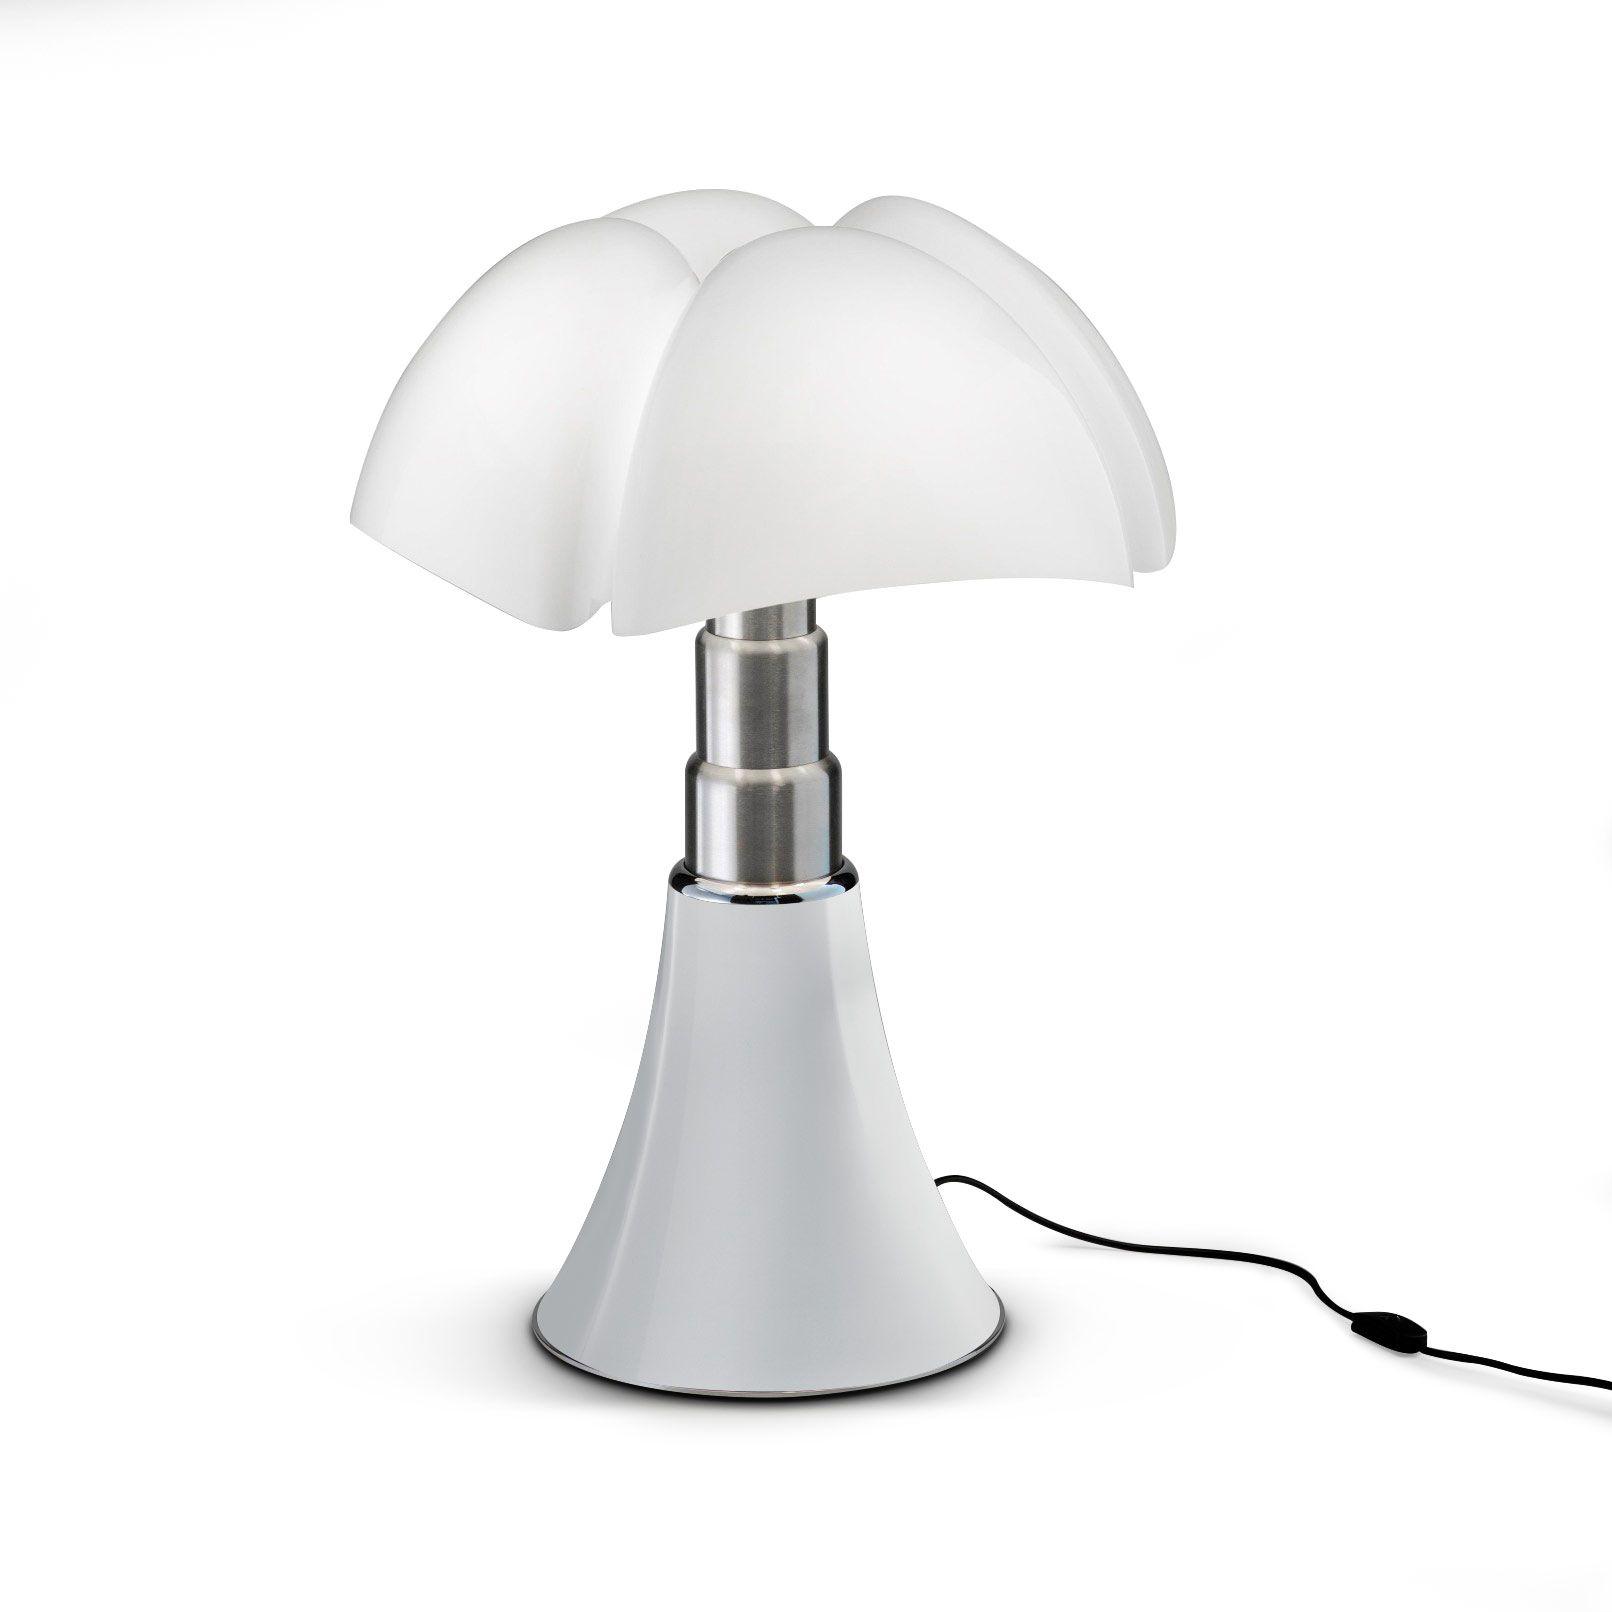 Lampe Blanc LED H35cm MINI PIPISTRELLO